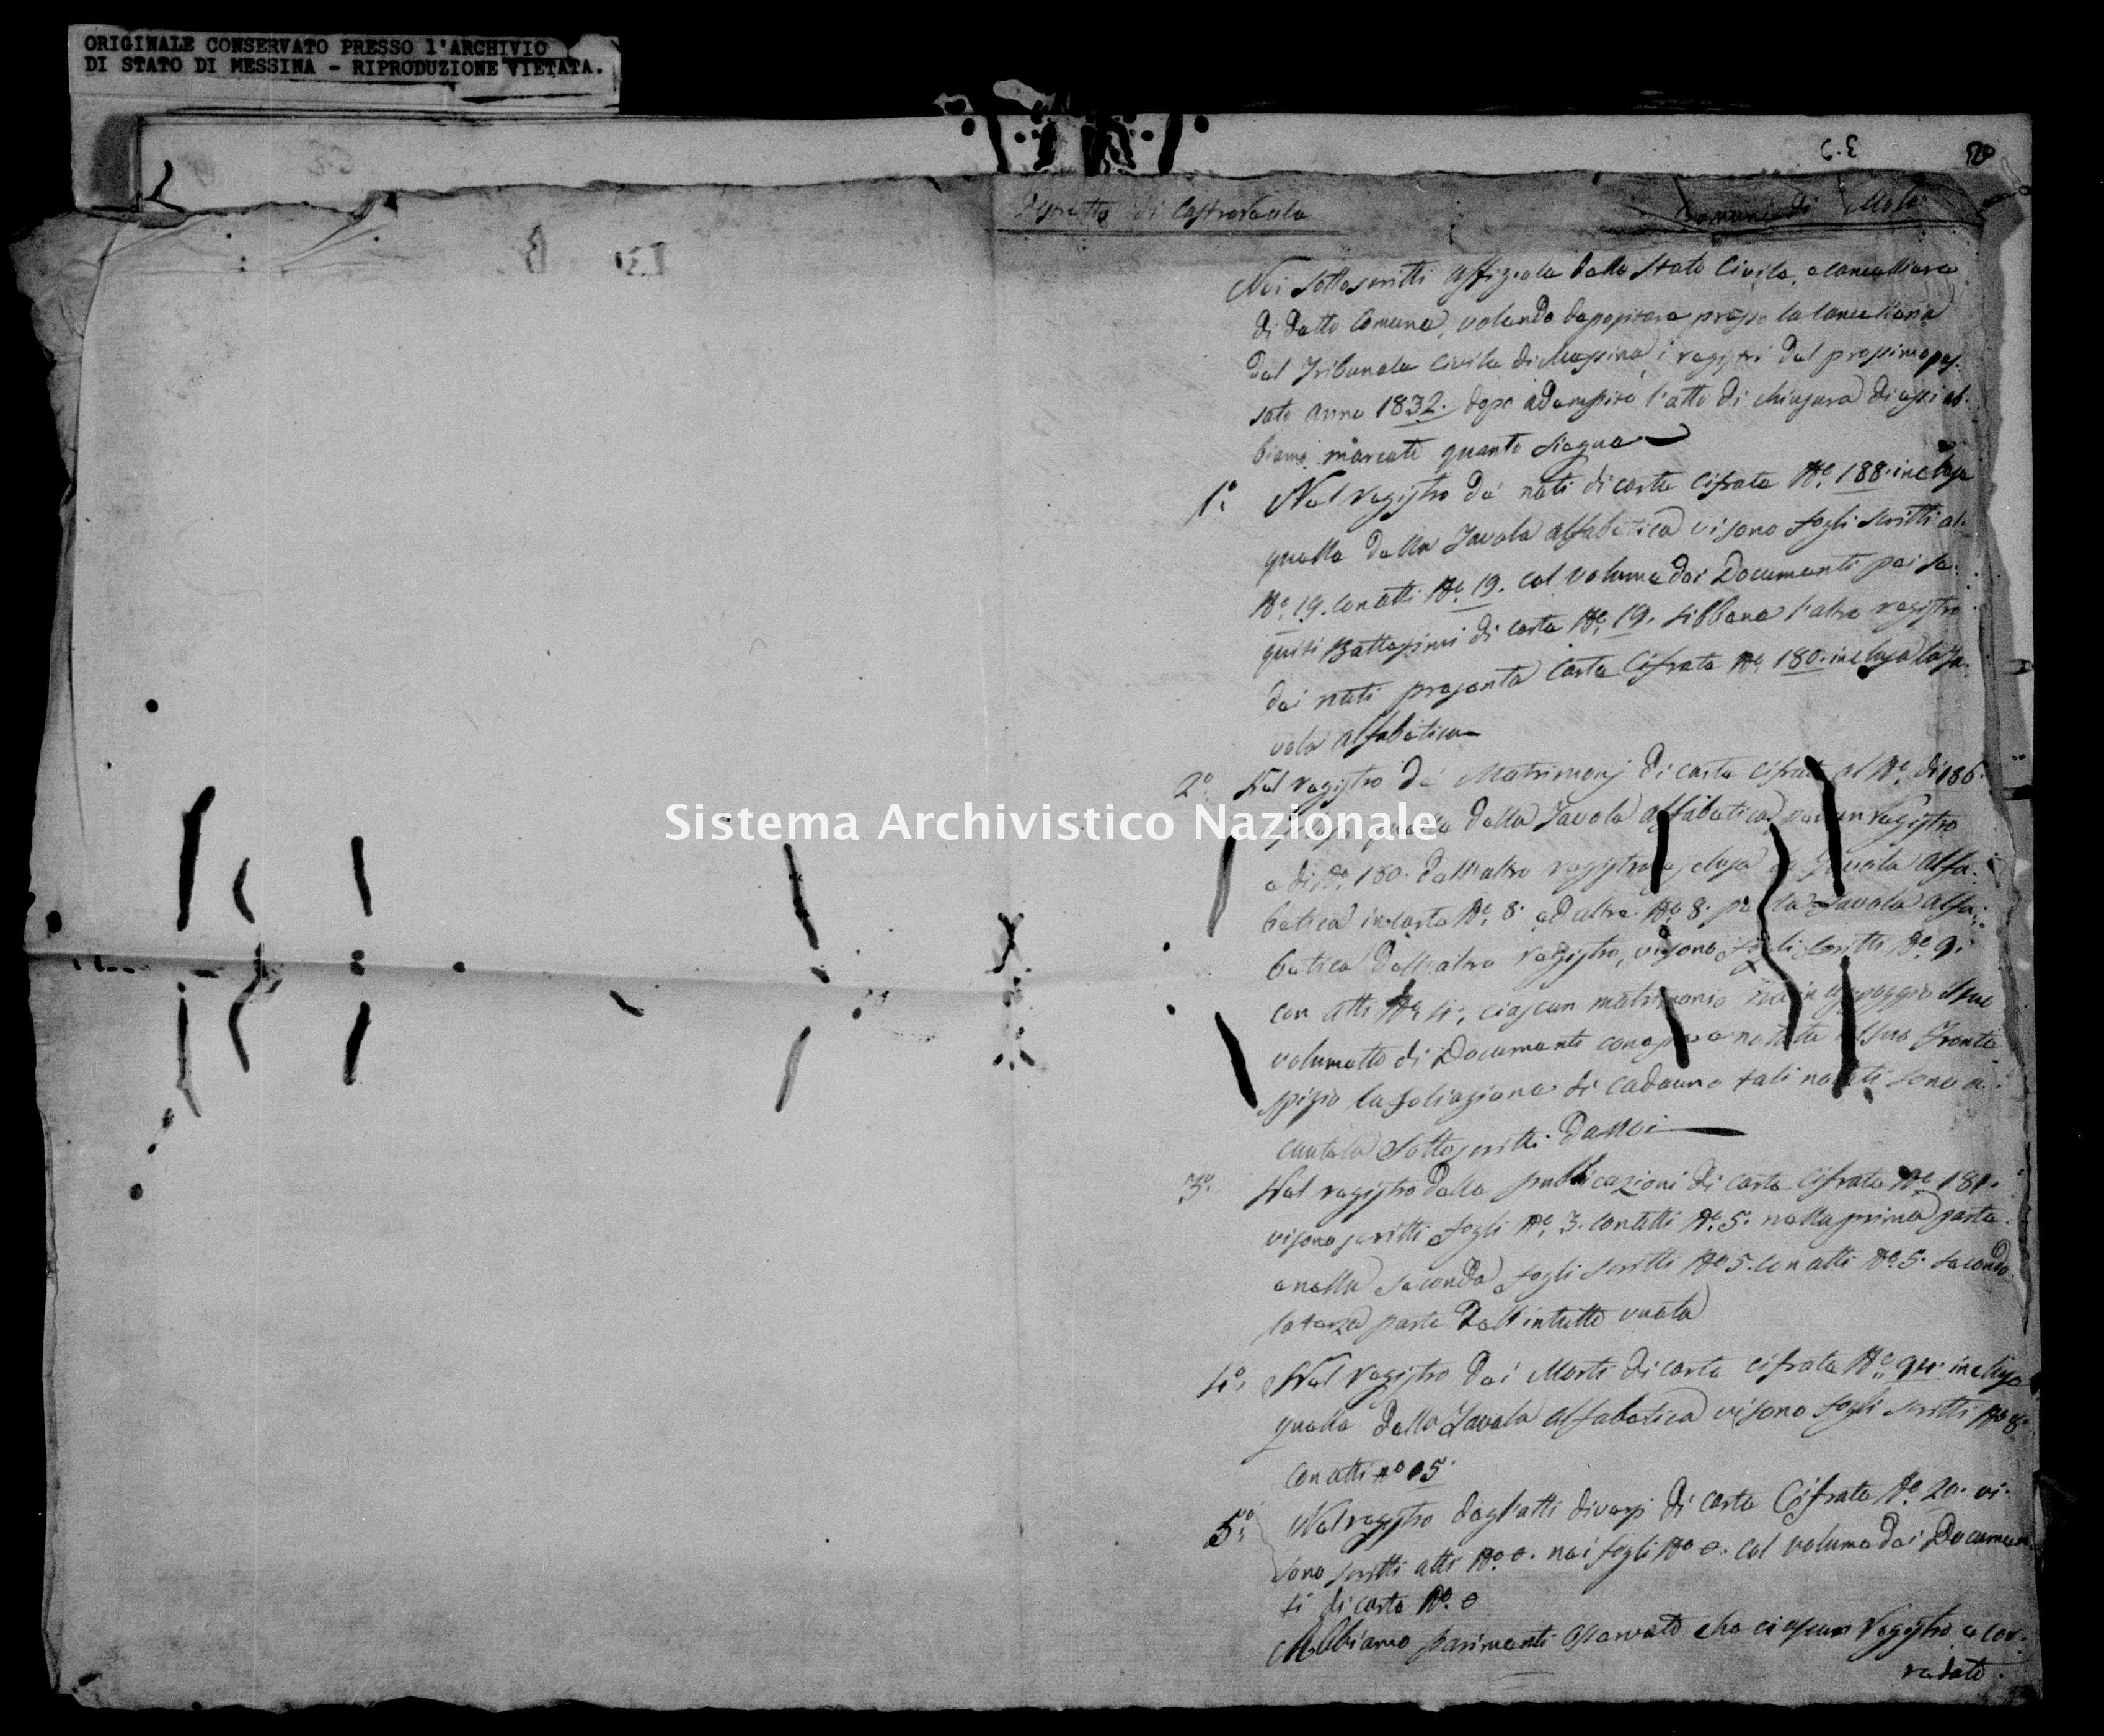 Archivio di stato di Messina - Stato civile della restaurazione - Mola - Inventario - 1832 - 842 -